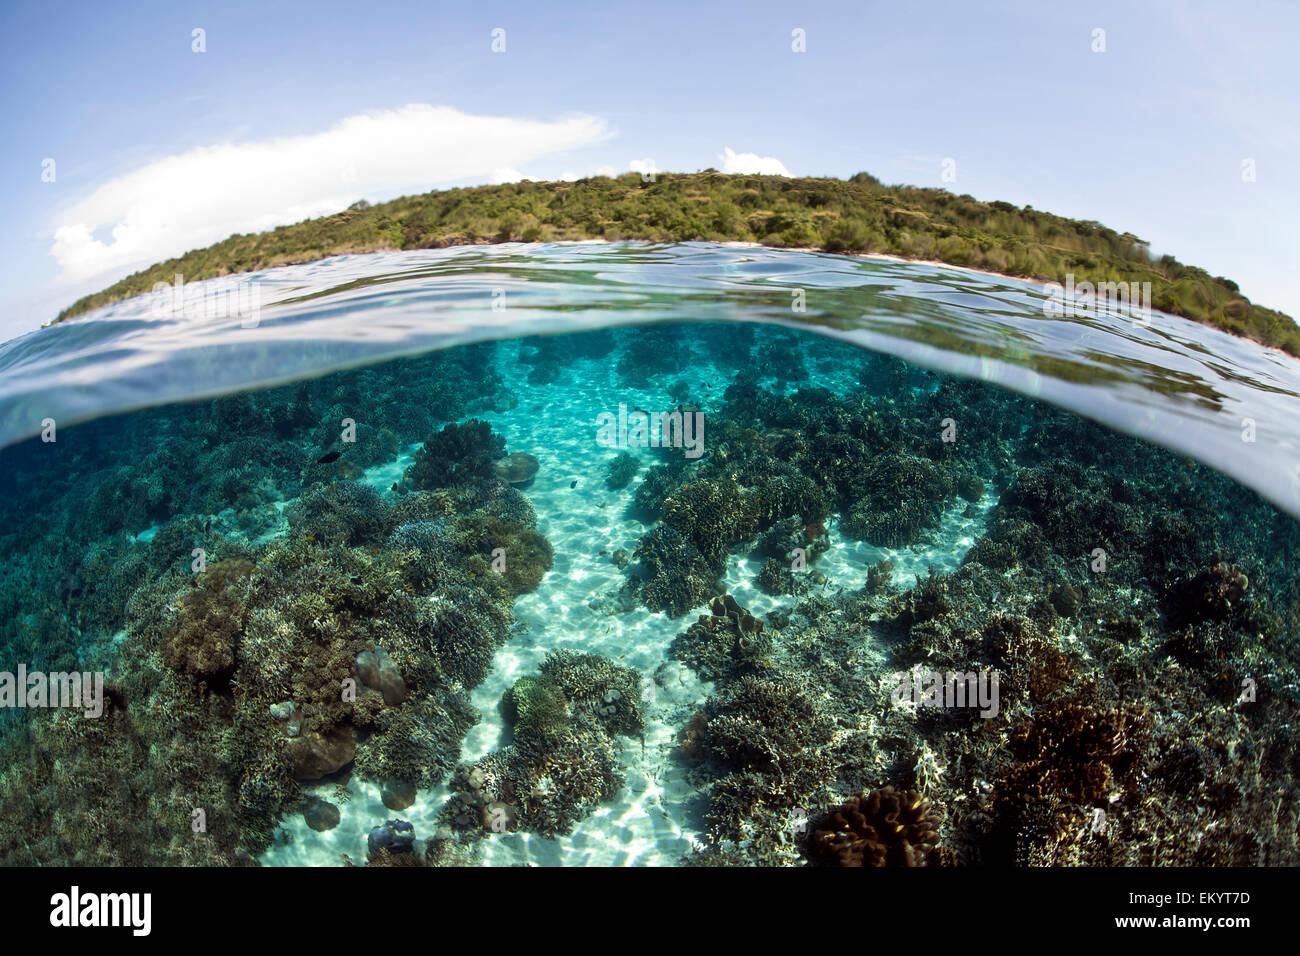 Split photo, underwater world and Menjangan Island, Bali, Indonesia - Stock Image